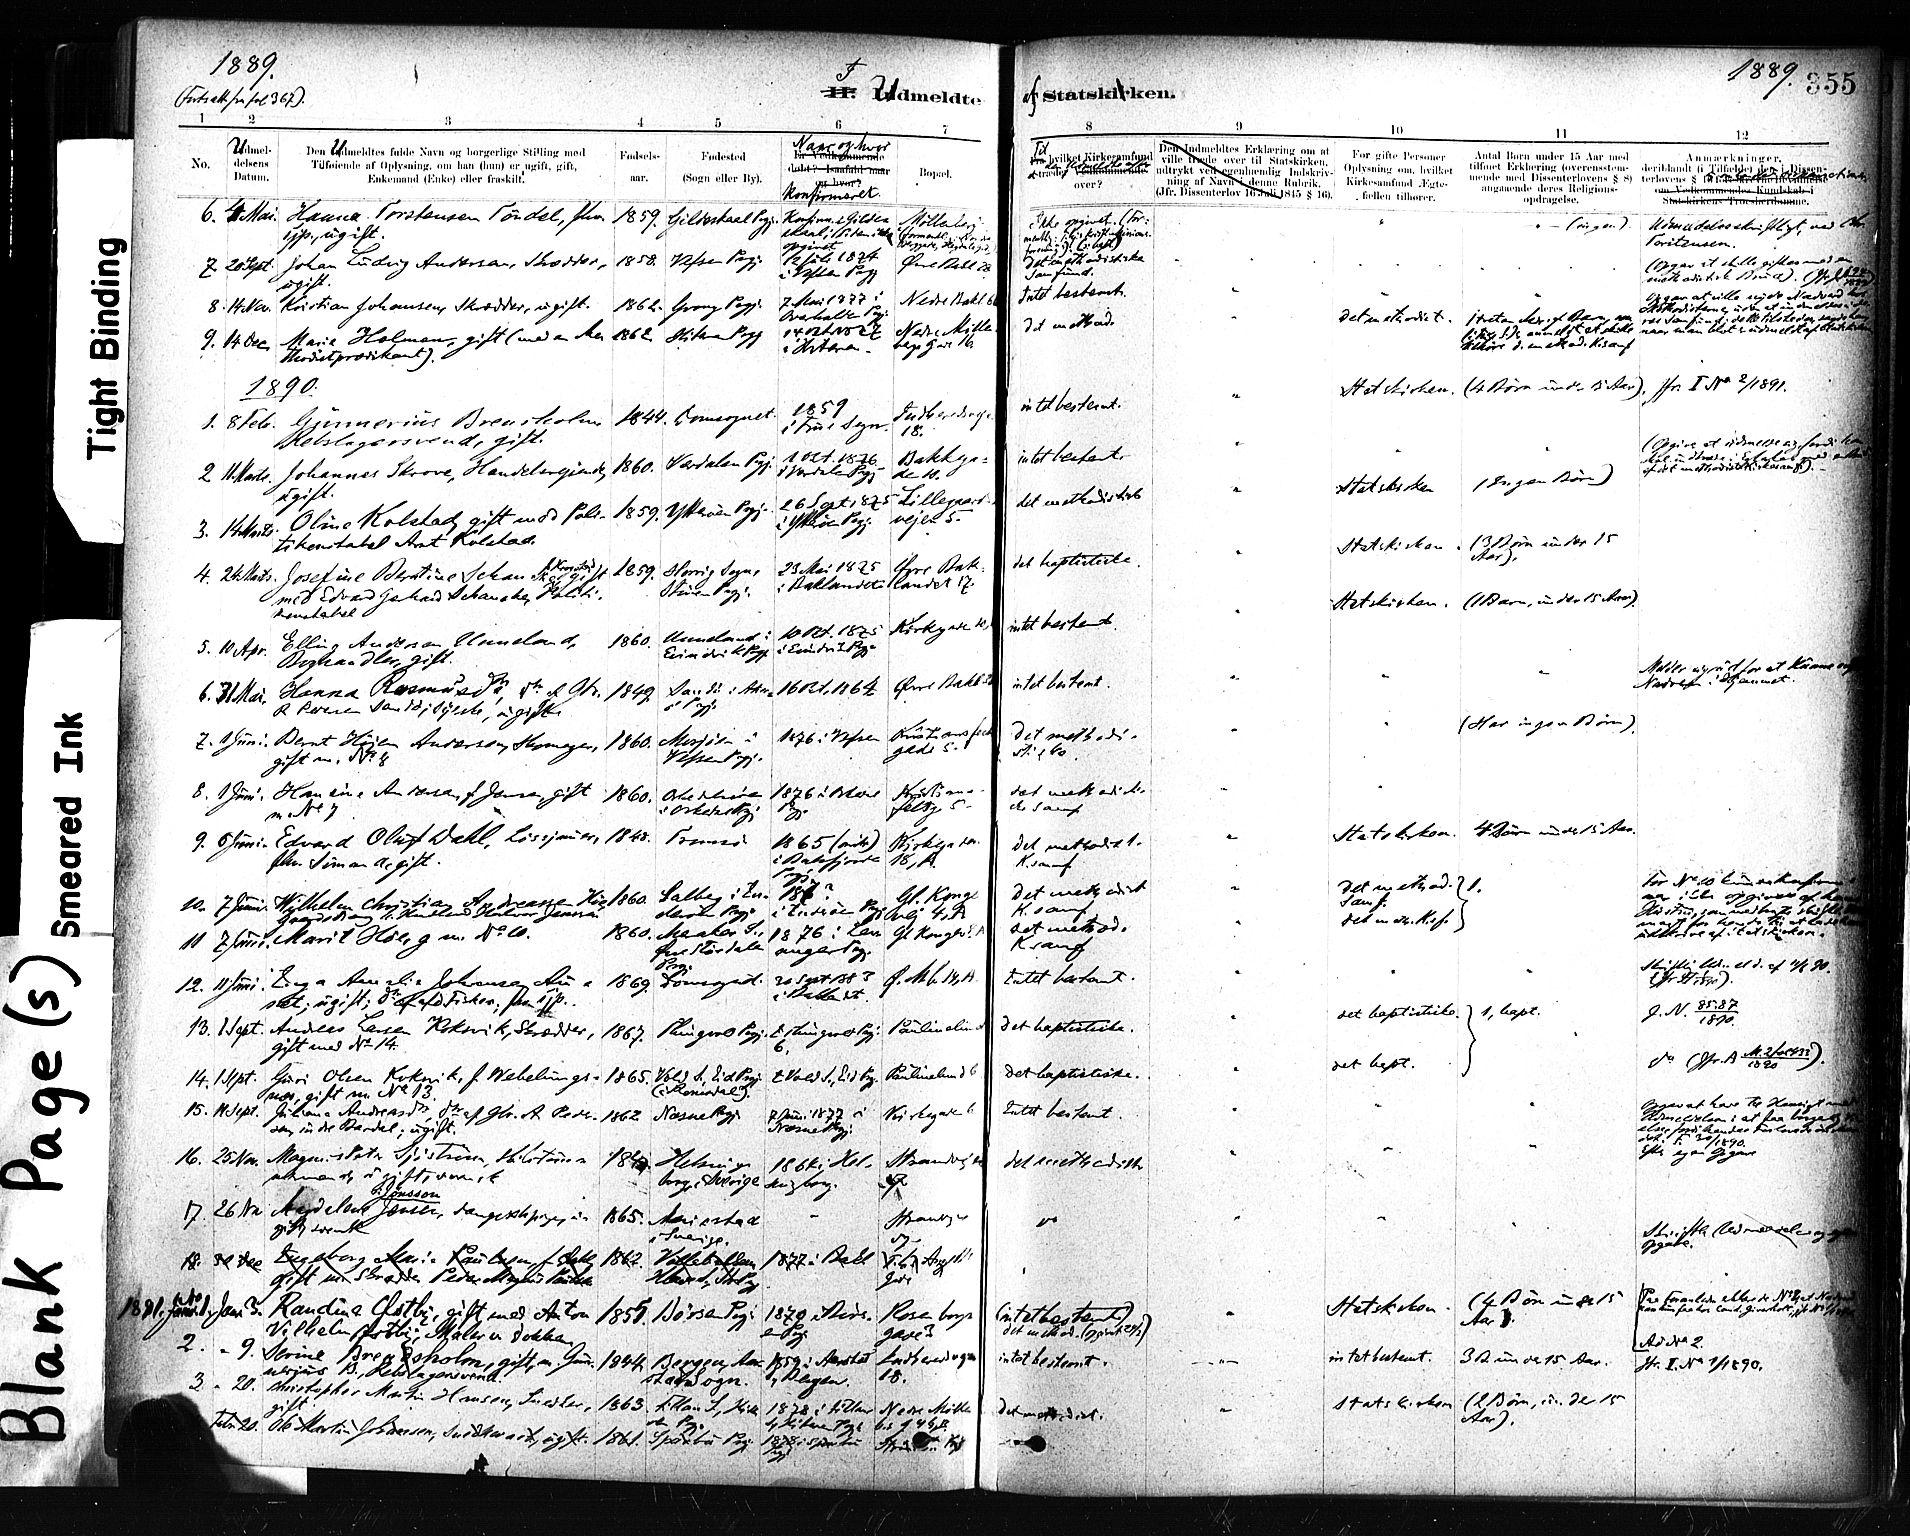 SAT, Ministerialprotokoller, klokkerbøker og fødselsregistre - Sør-Trøndelag, 604/L0189: Ministerialbok nr. 604A10, 1878-1892, s. 355